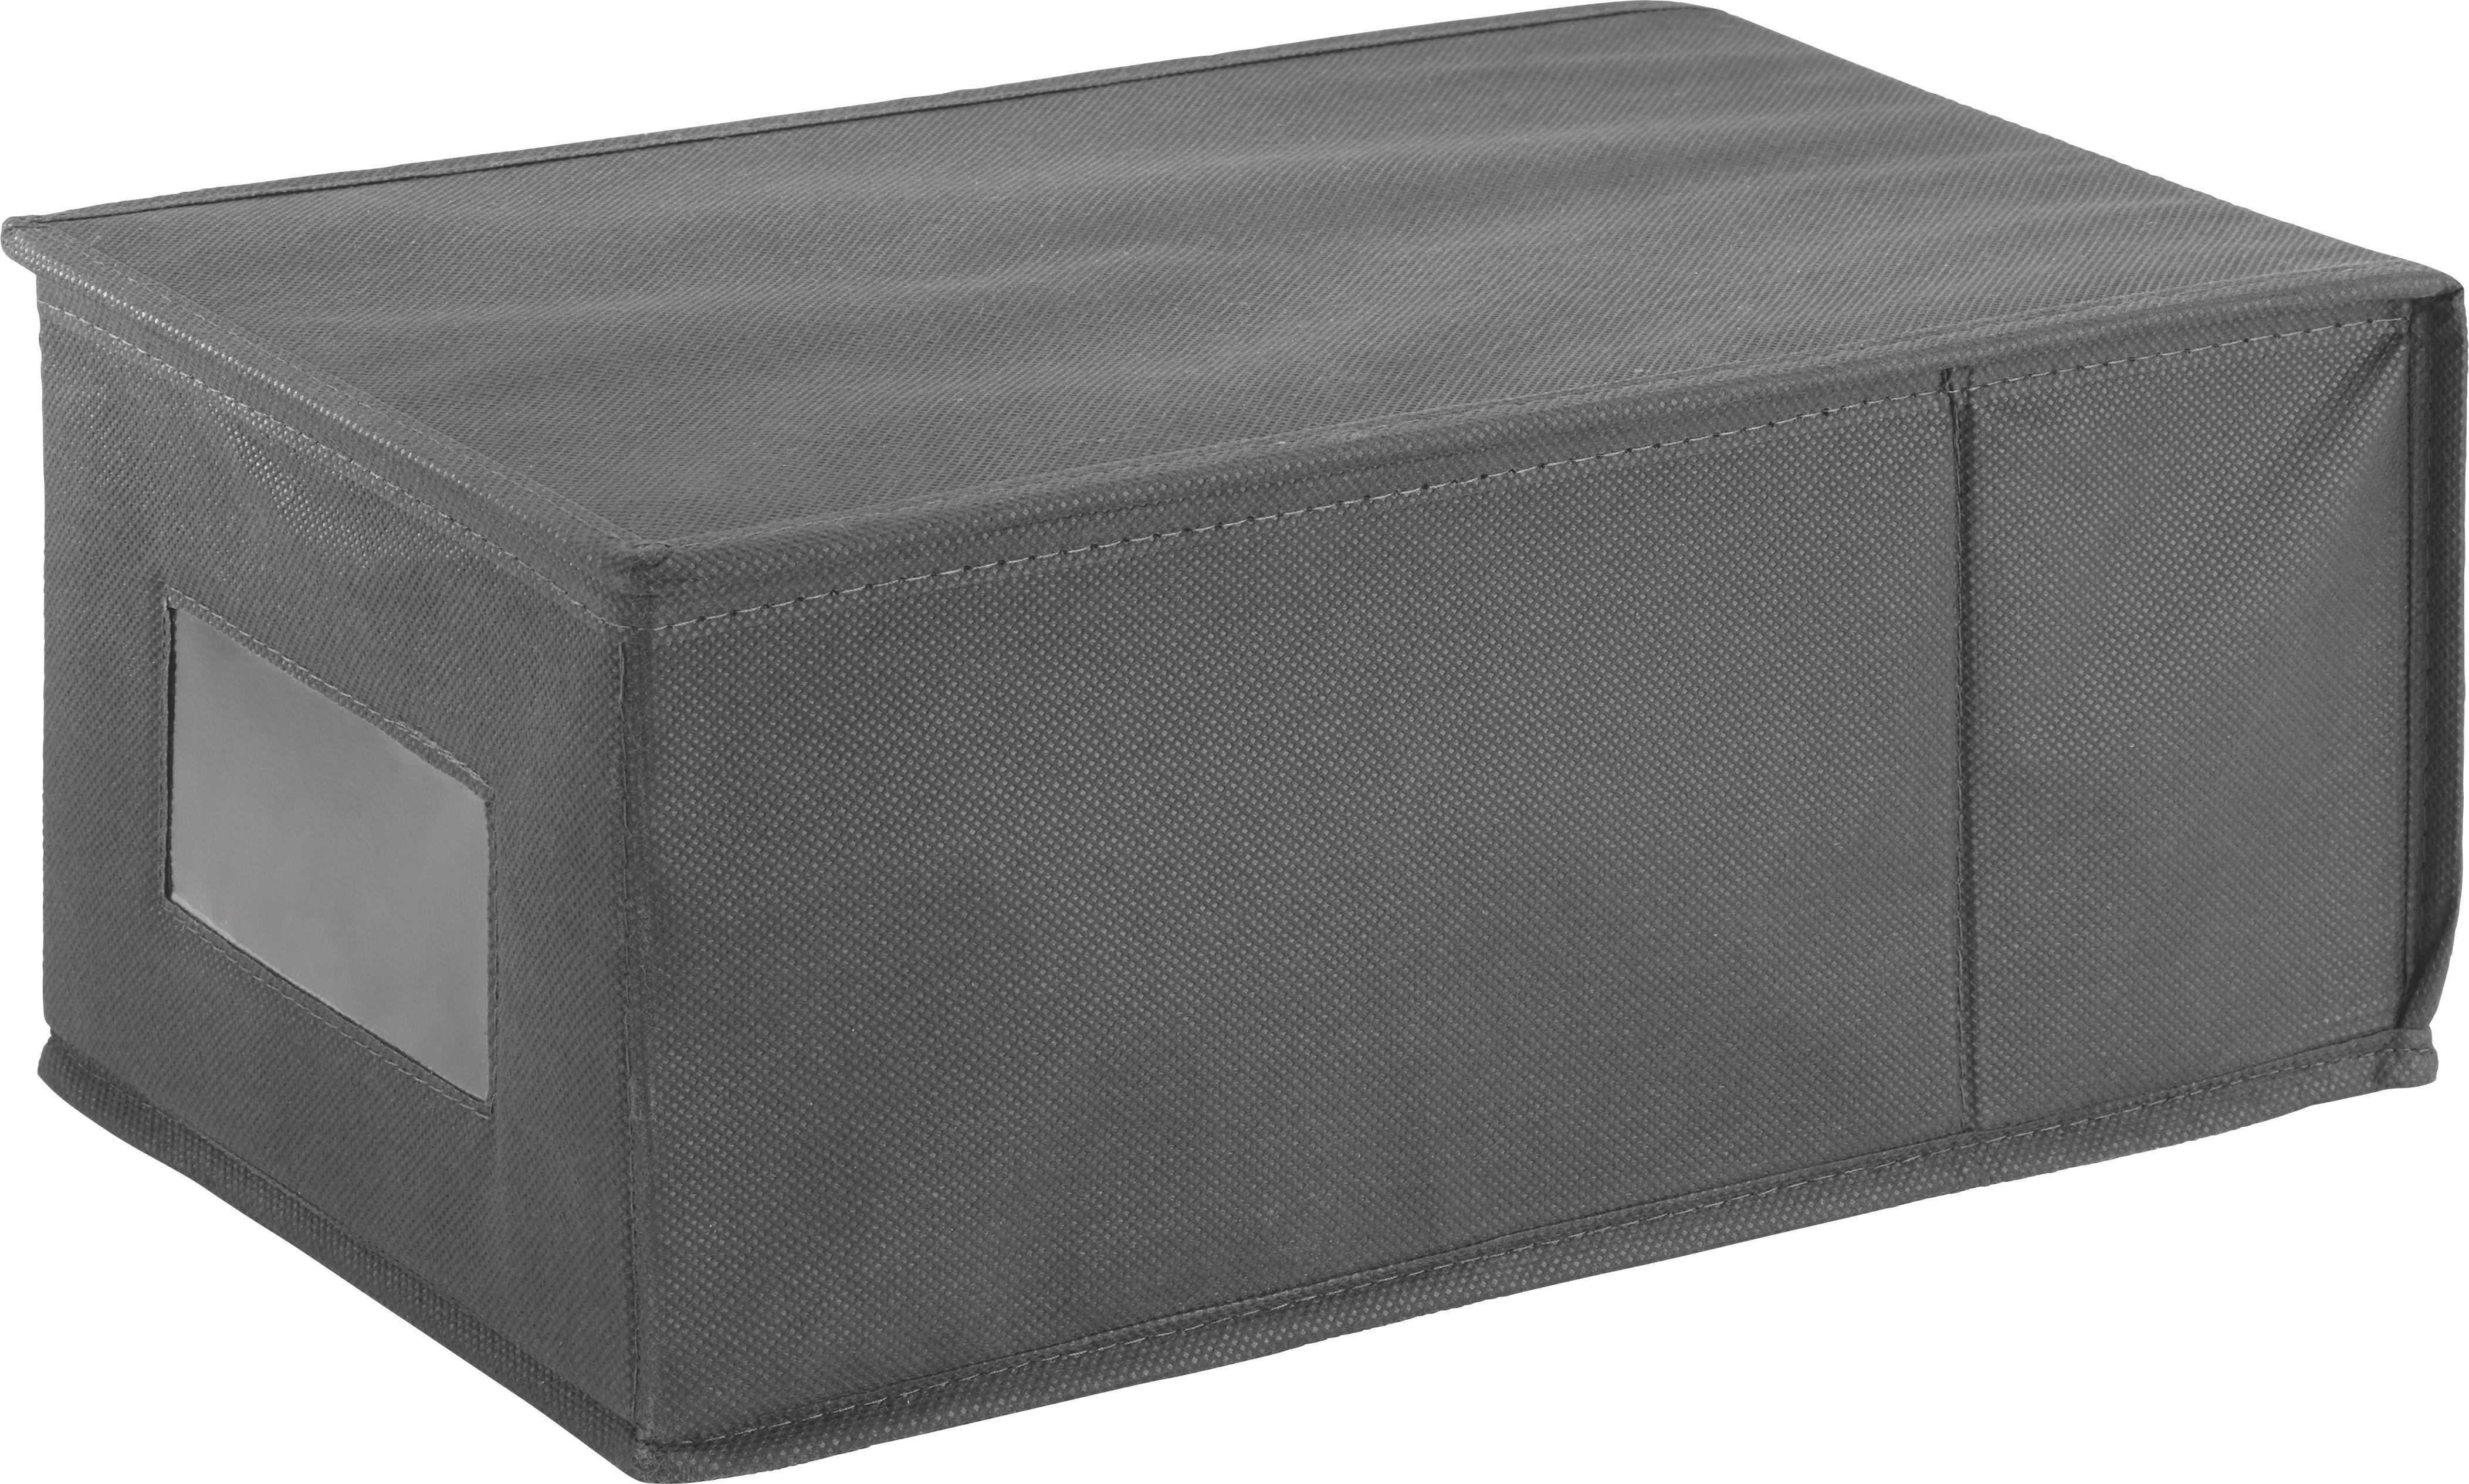 Aufbewahrungsbox in Anthrazit - Anthrazit, Karton/Textil (21,5/14,5/35,0cm) - CARRYHOME